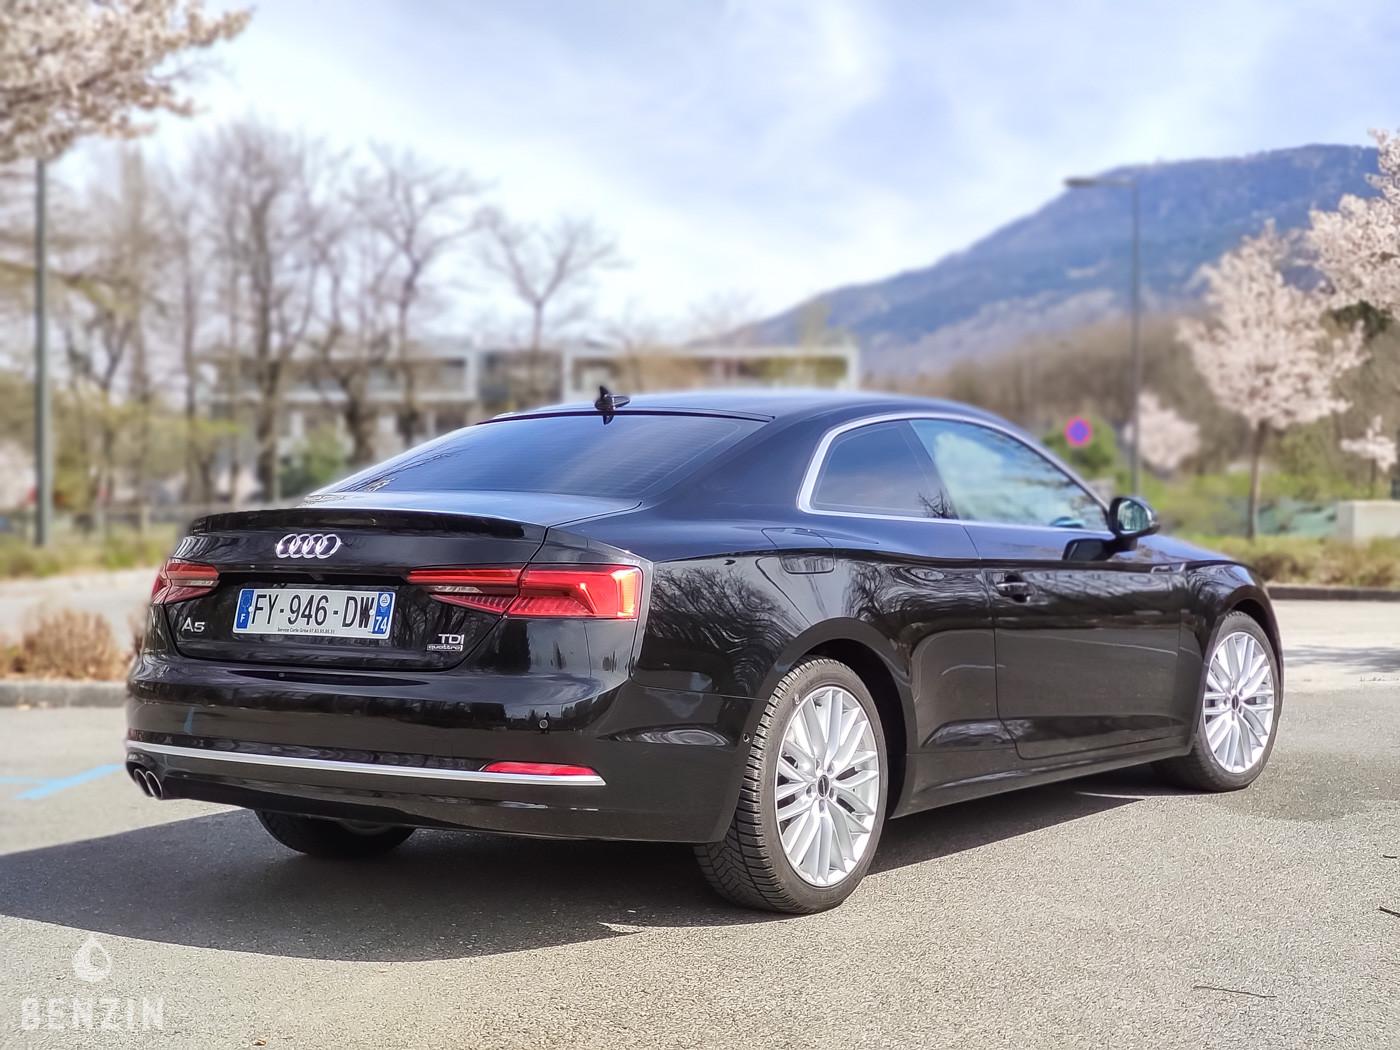 Audi A5 V6 TDI occasion à vendre for sale te koop zu verkaufen